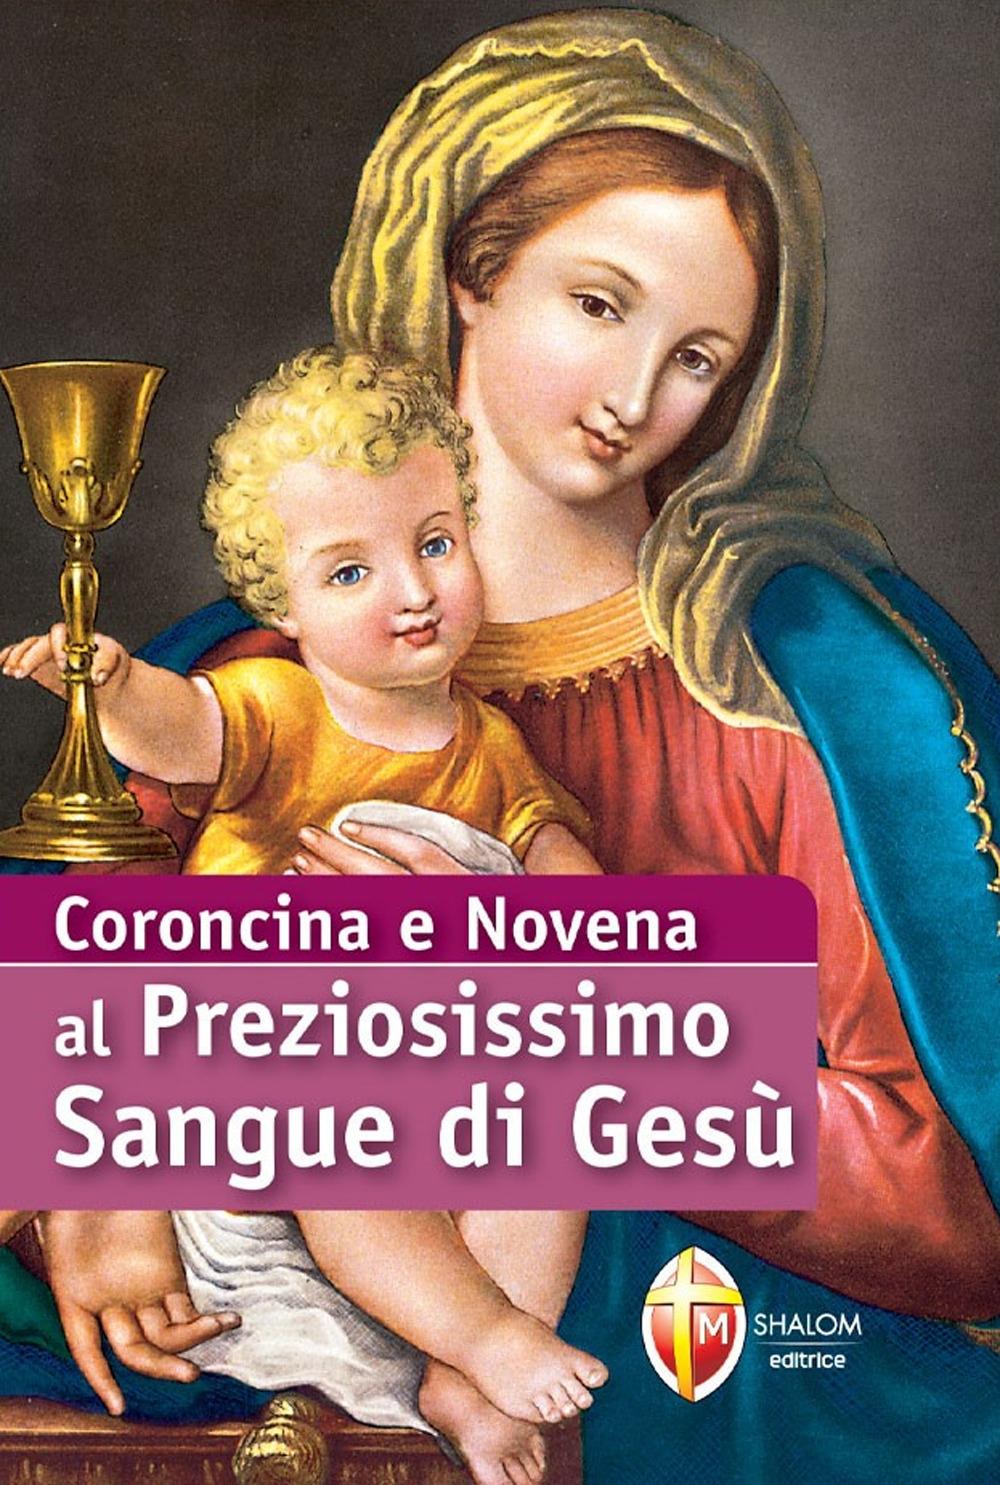 Coroncina e Novena al preziosissimo sangue di Gesù.